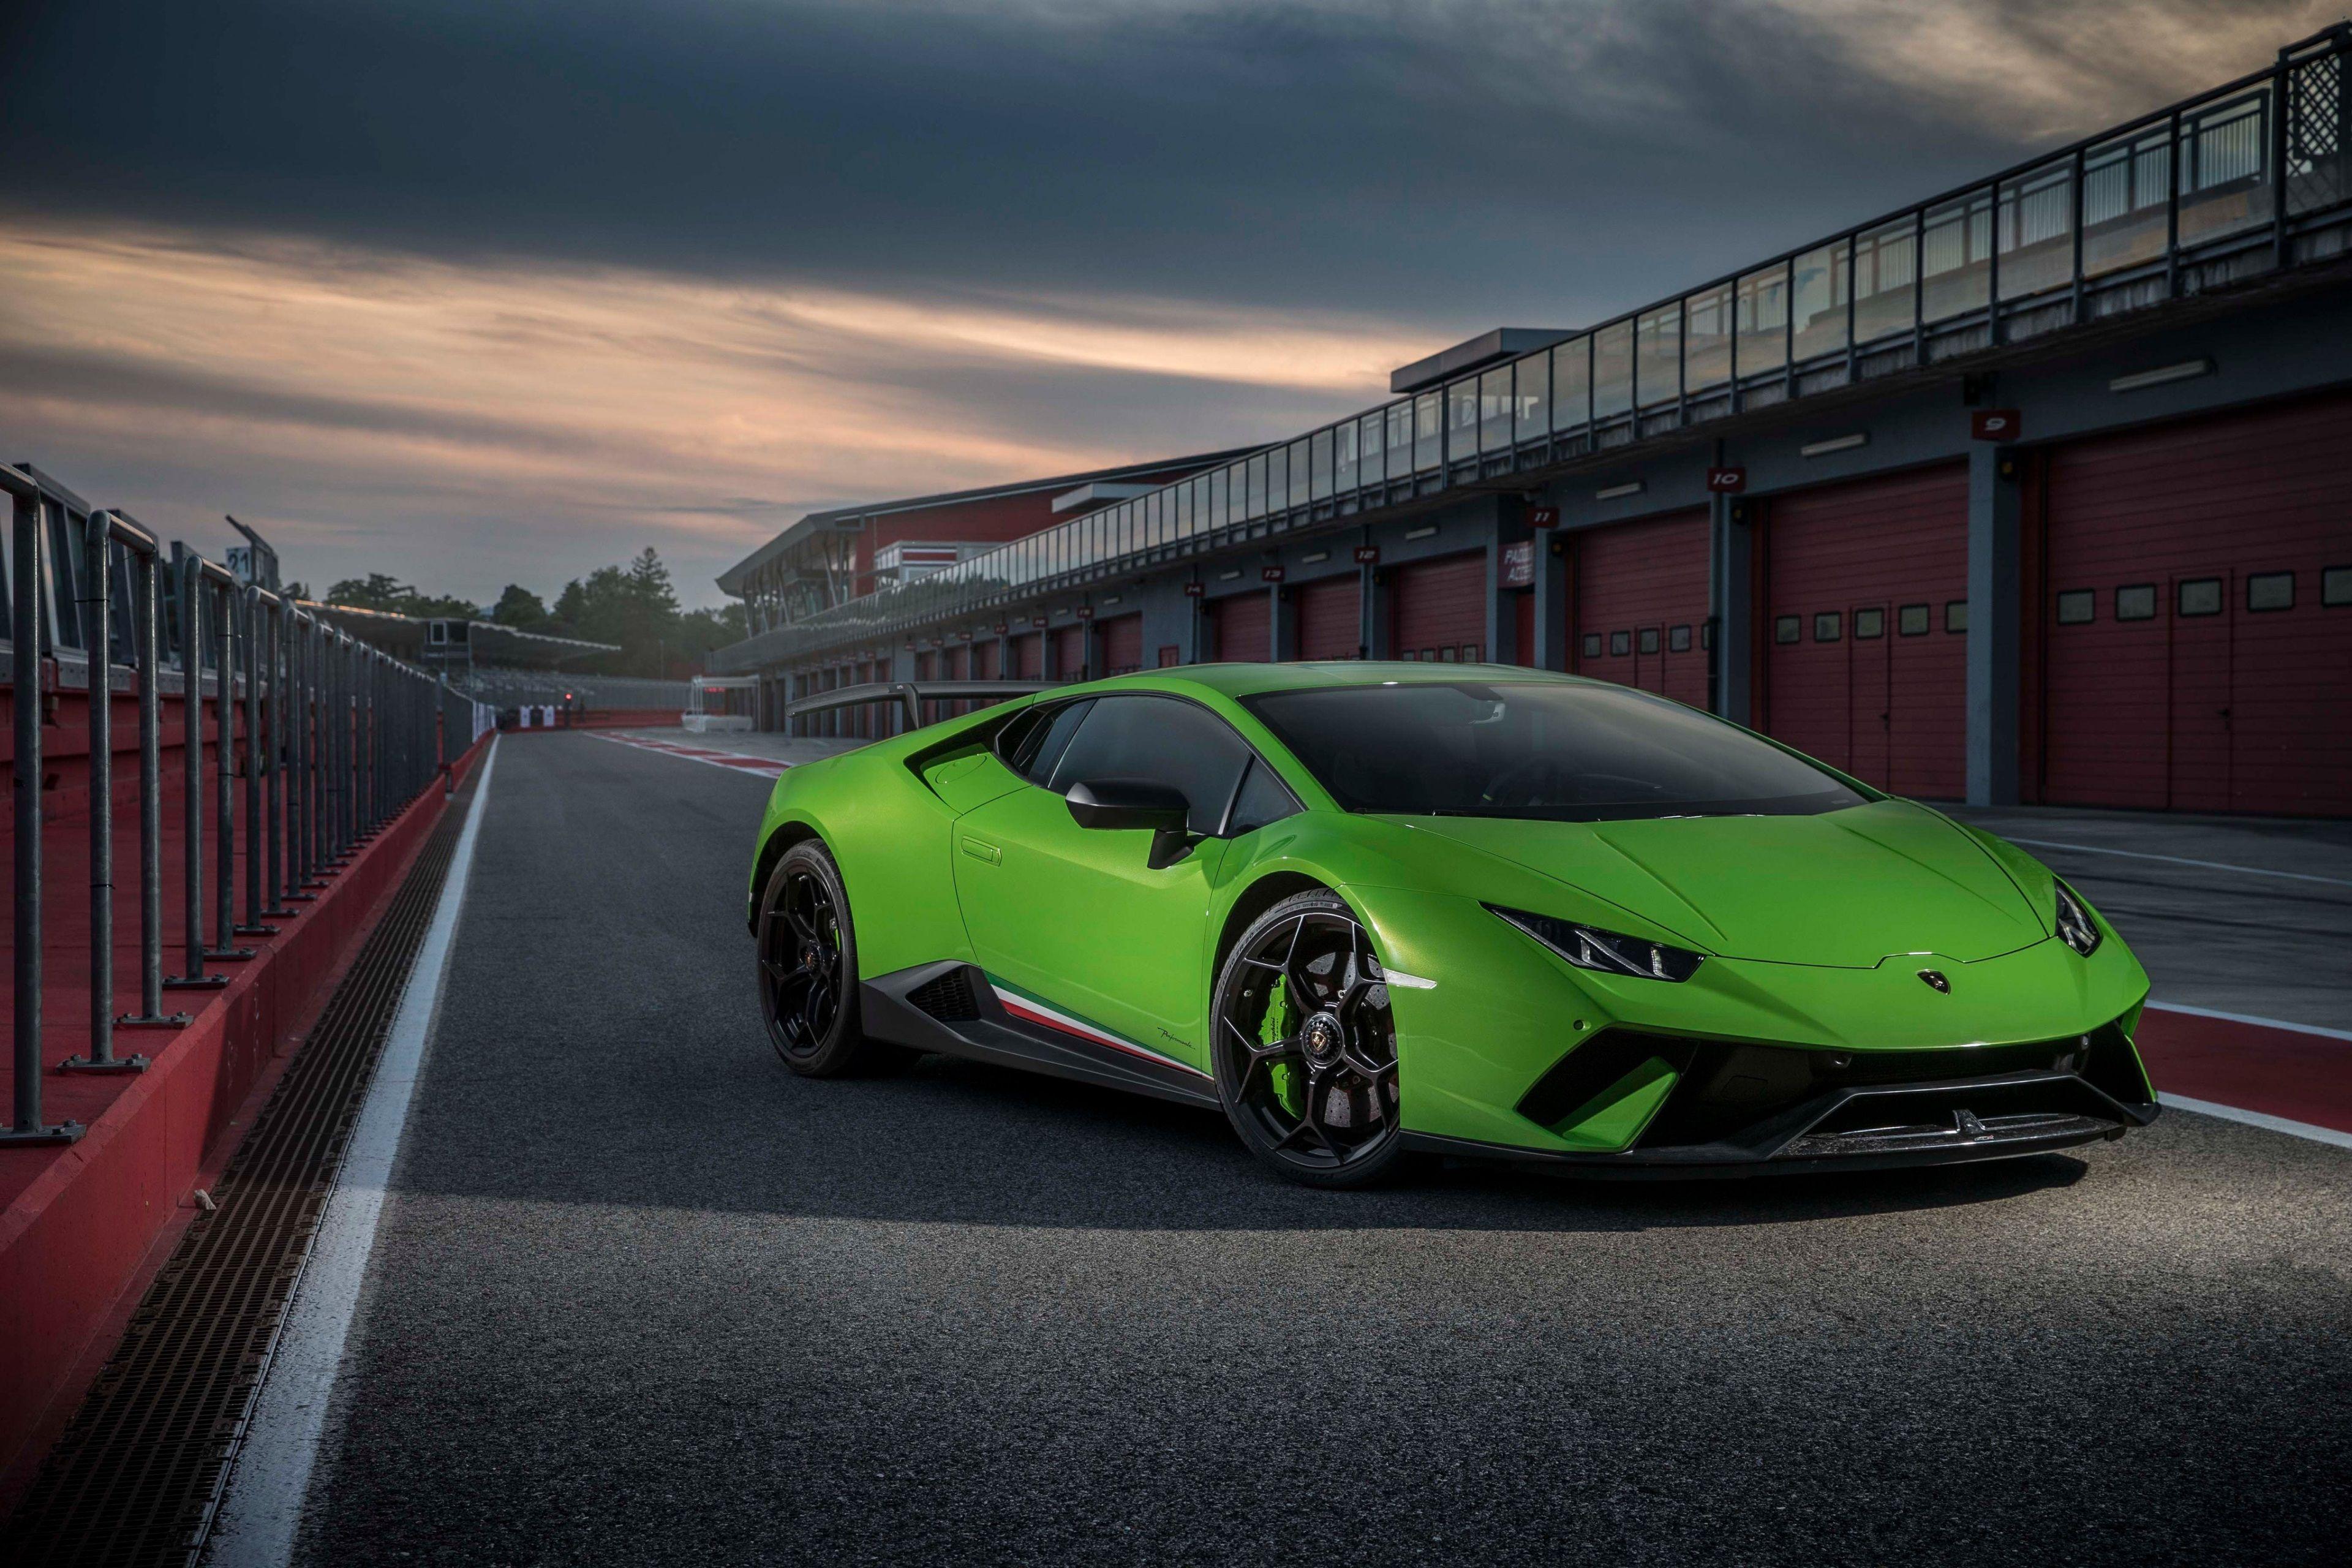 3840x2560 Lamborghini Huracan Performante 4k Wallpaper For Pc In